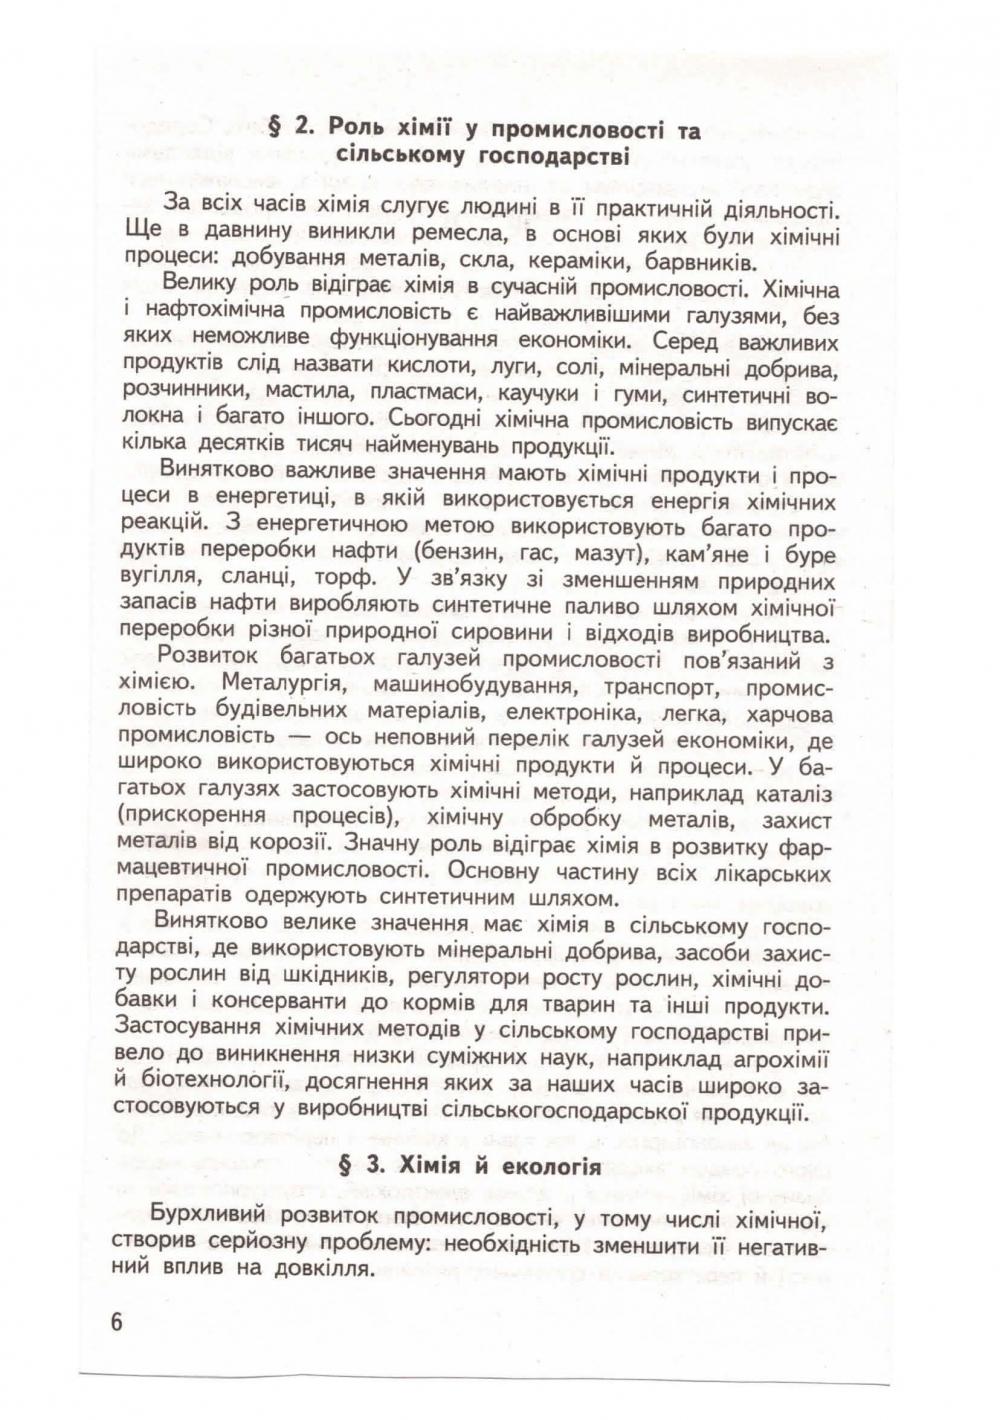 Посібник з хімії для вступників. Хомченко Г.  Вид-во: Арій. купити 7